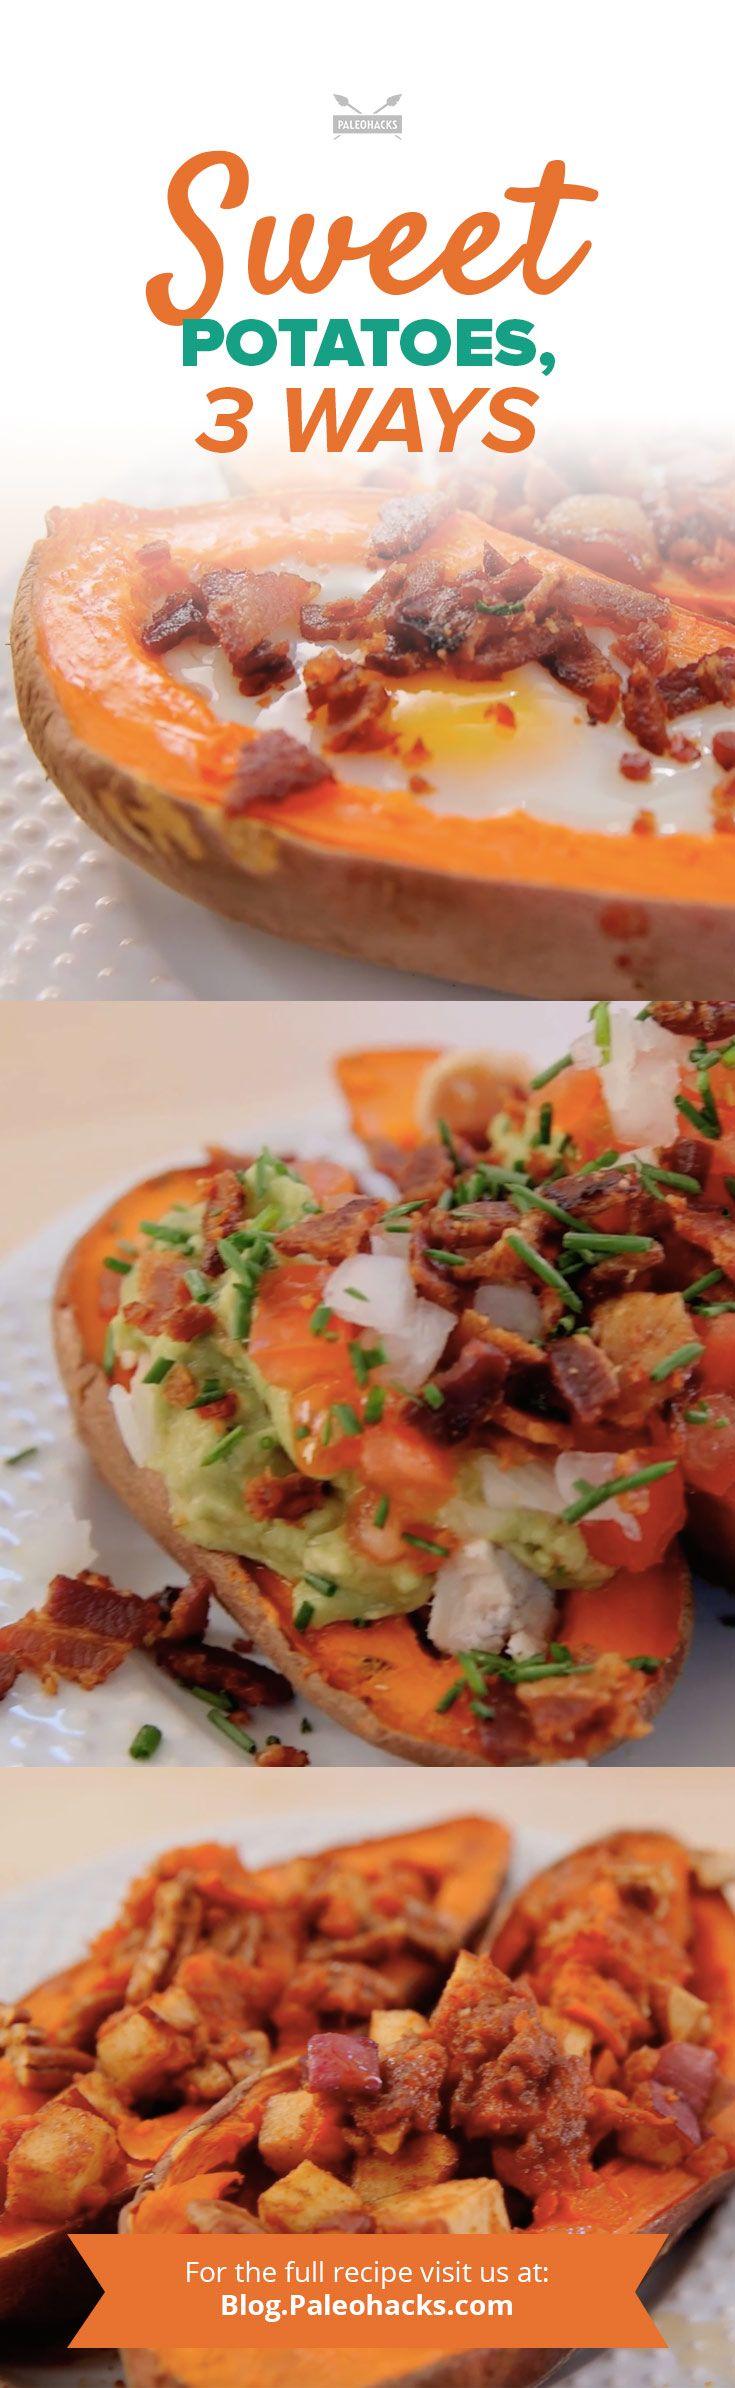 PIN-sweet-potatoes-3-ways.jpg